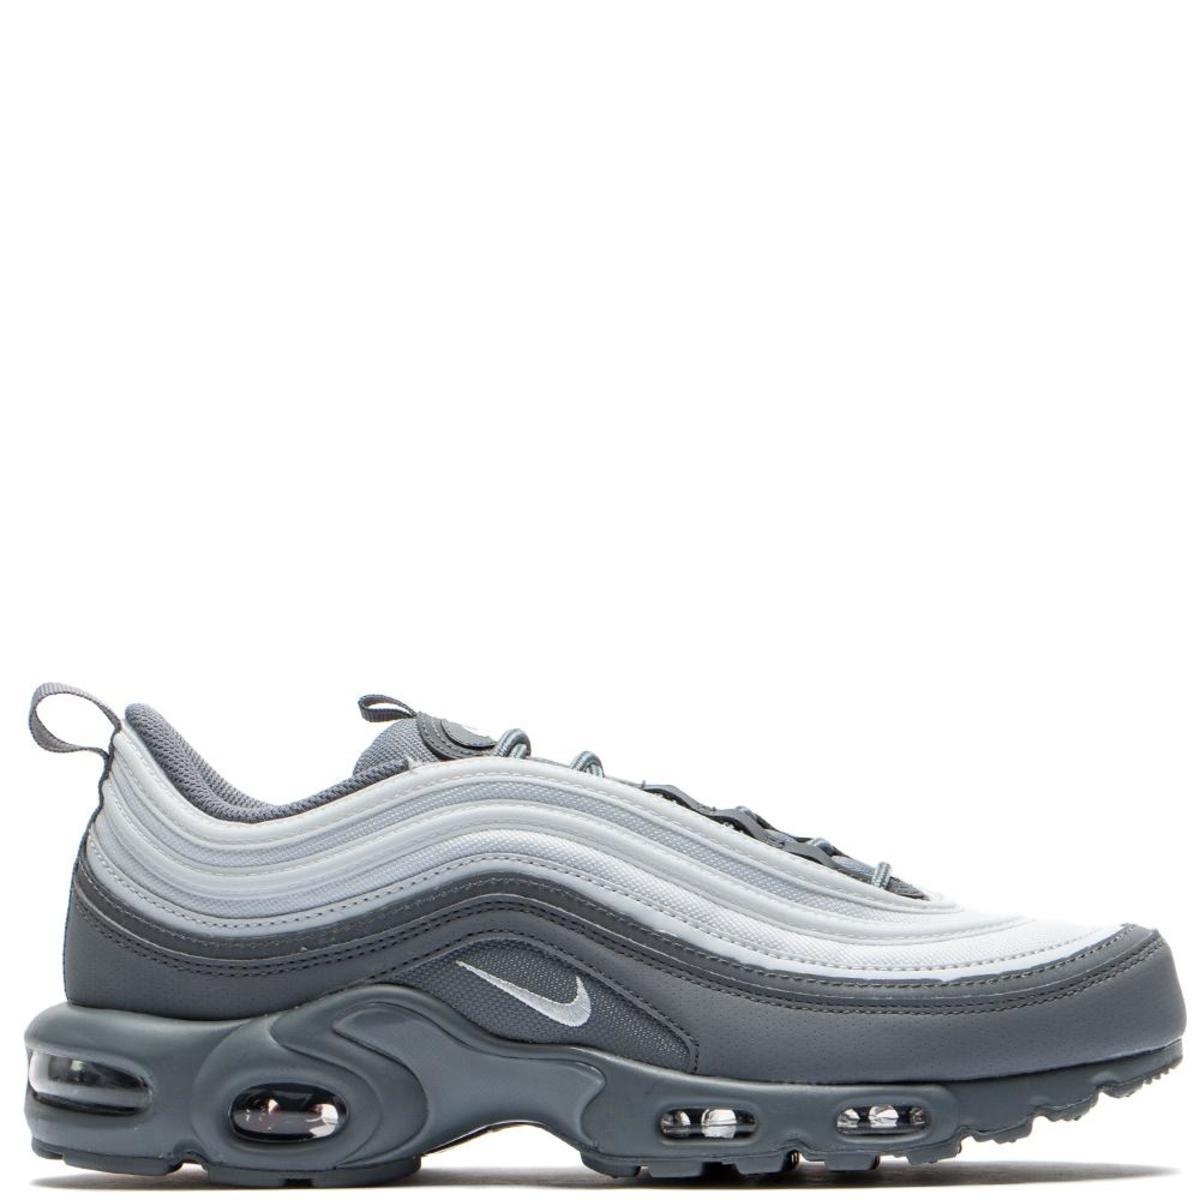 Nike Air Max Plus 97 Cool Grey CD7859 001  